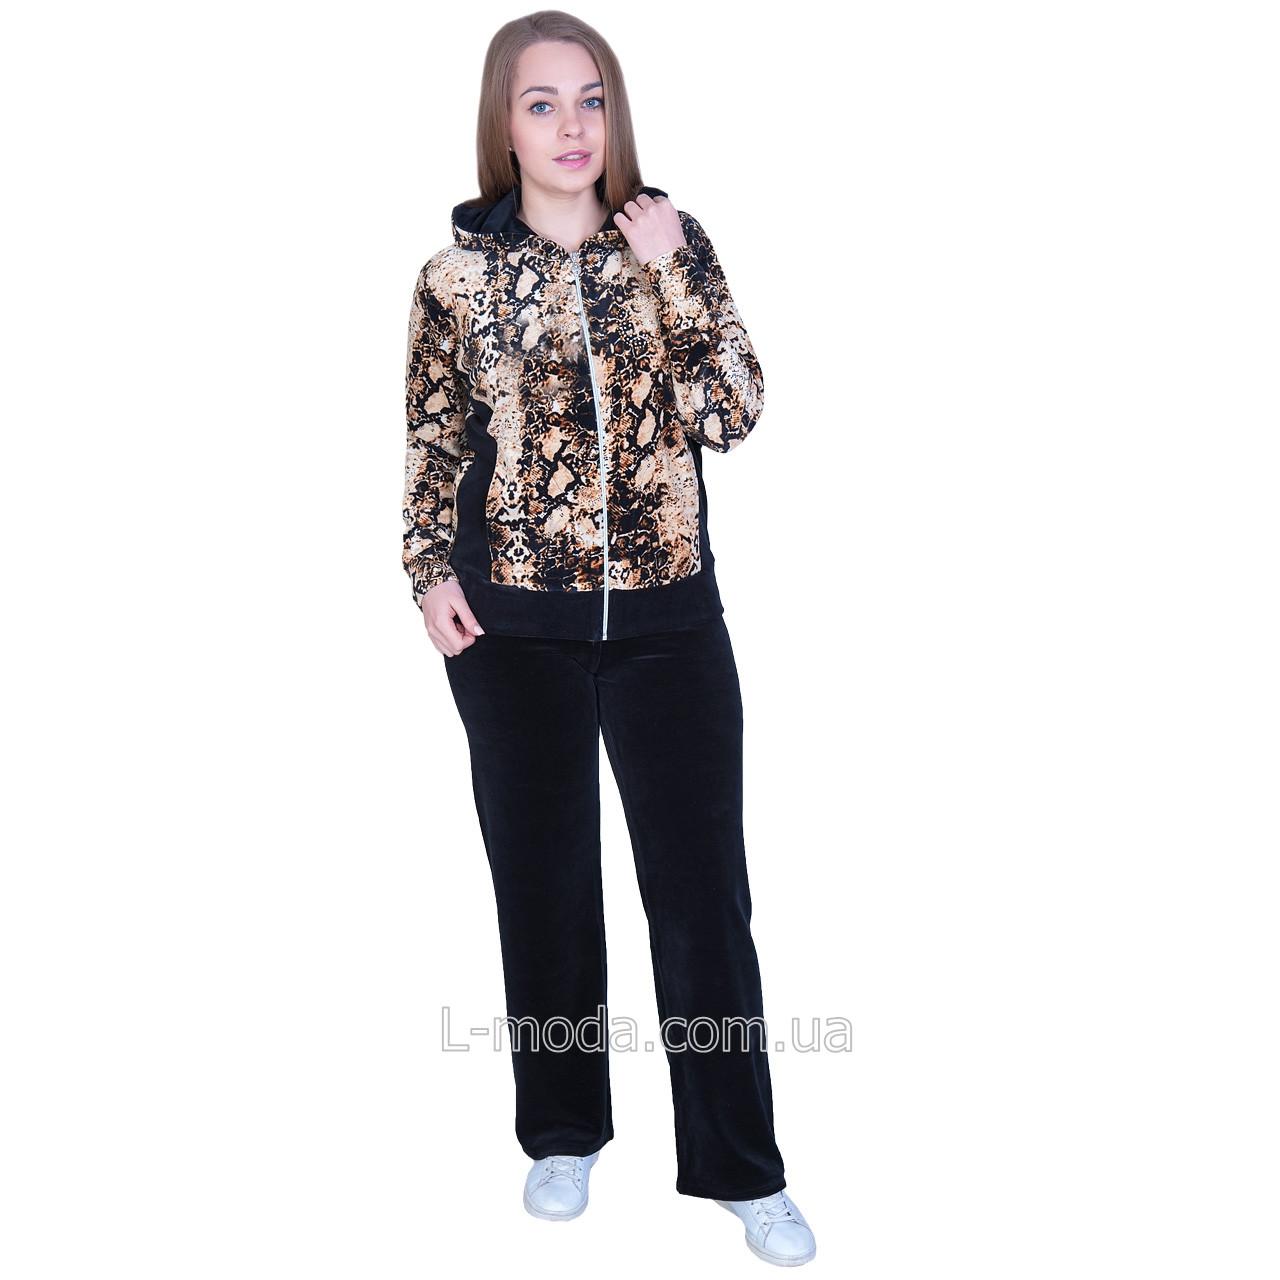 Спортивный костюм женский велюровый с принтом